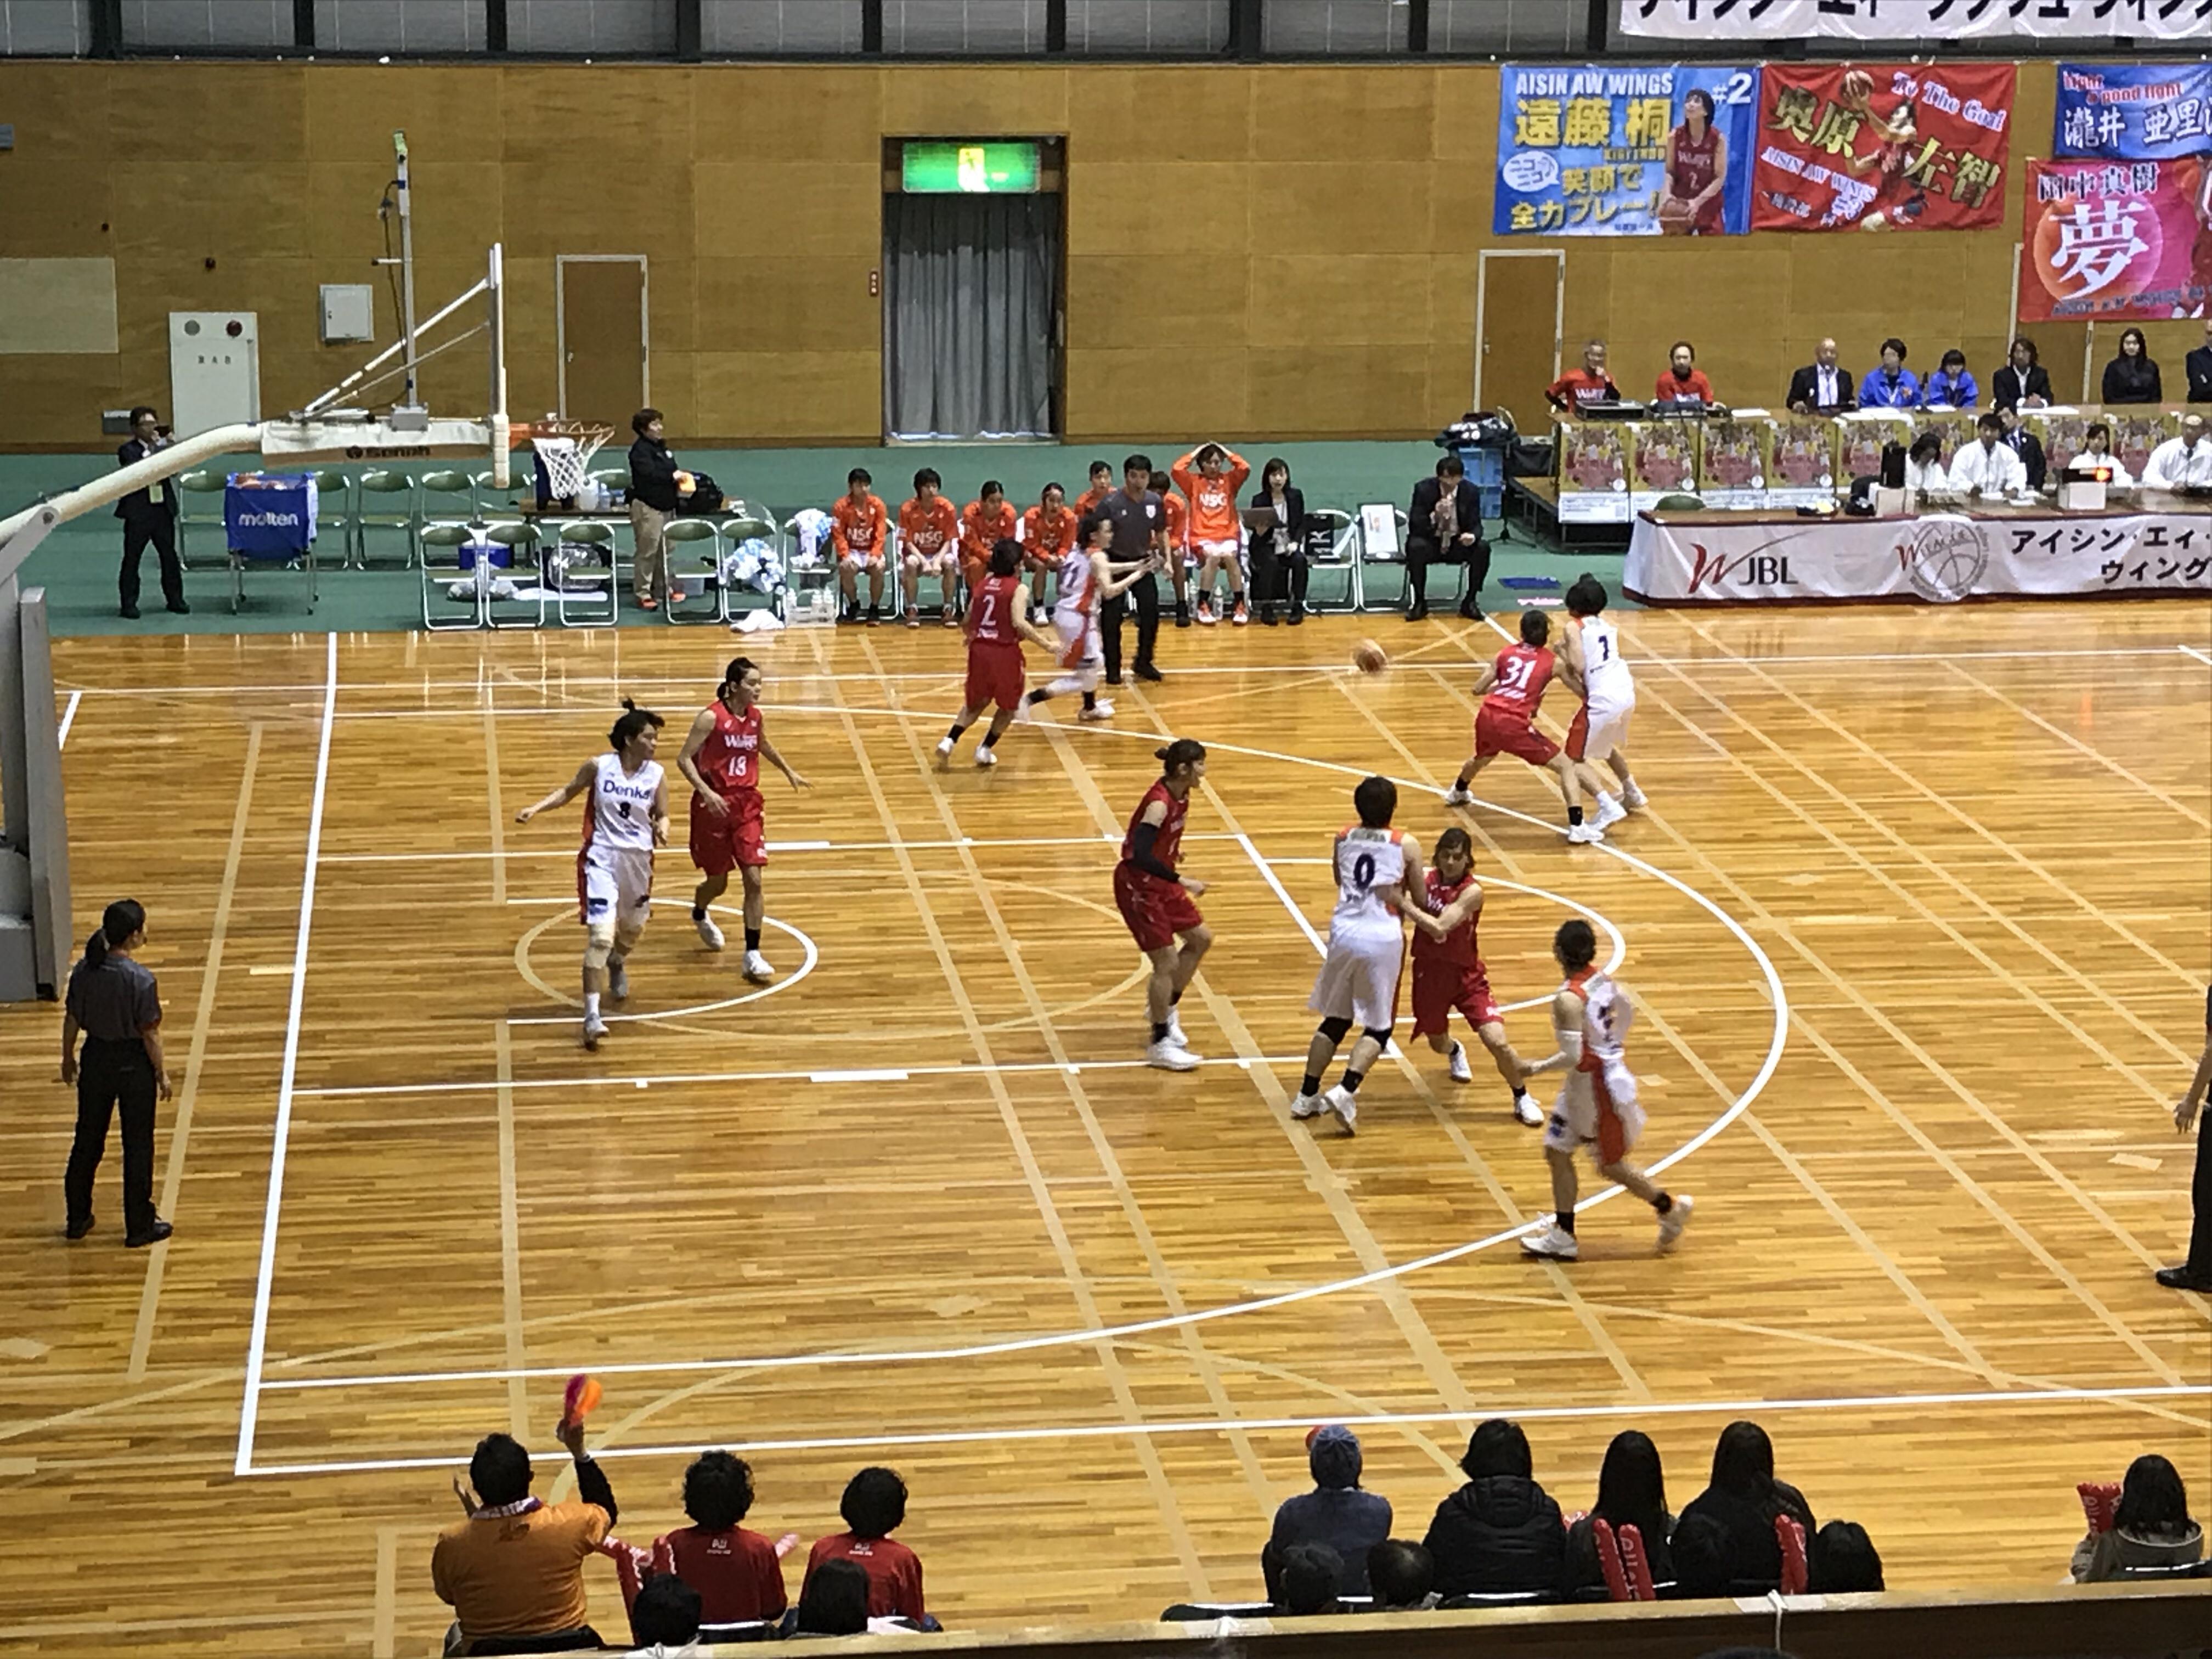 女子バスケットボールのWリーグを初観戦!勝負のカギはディフェンス。